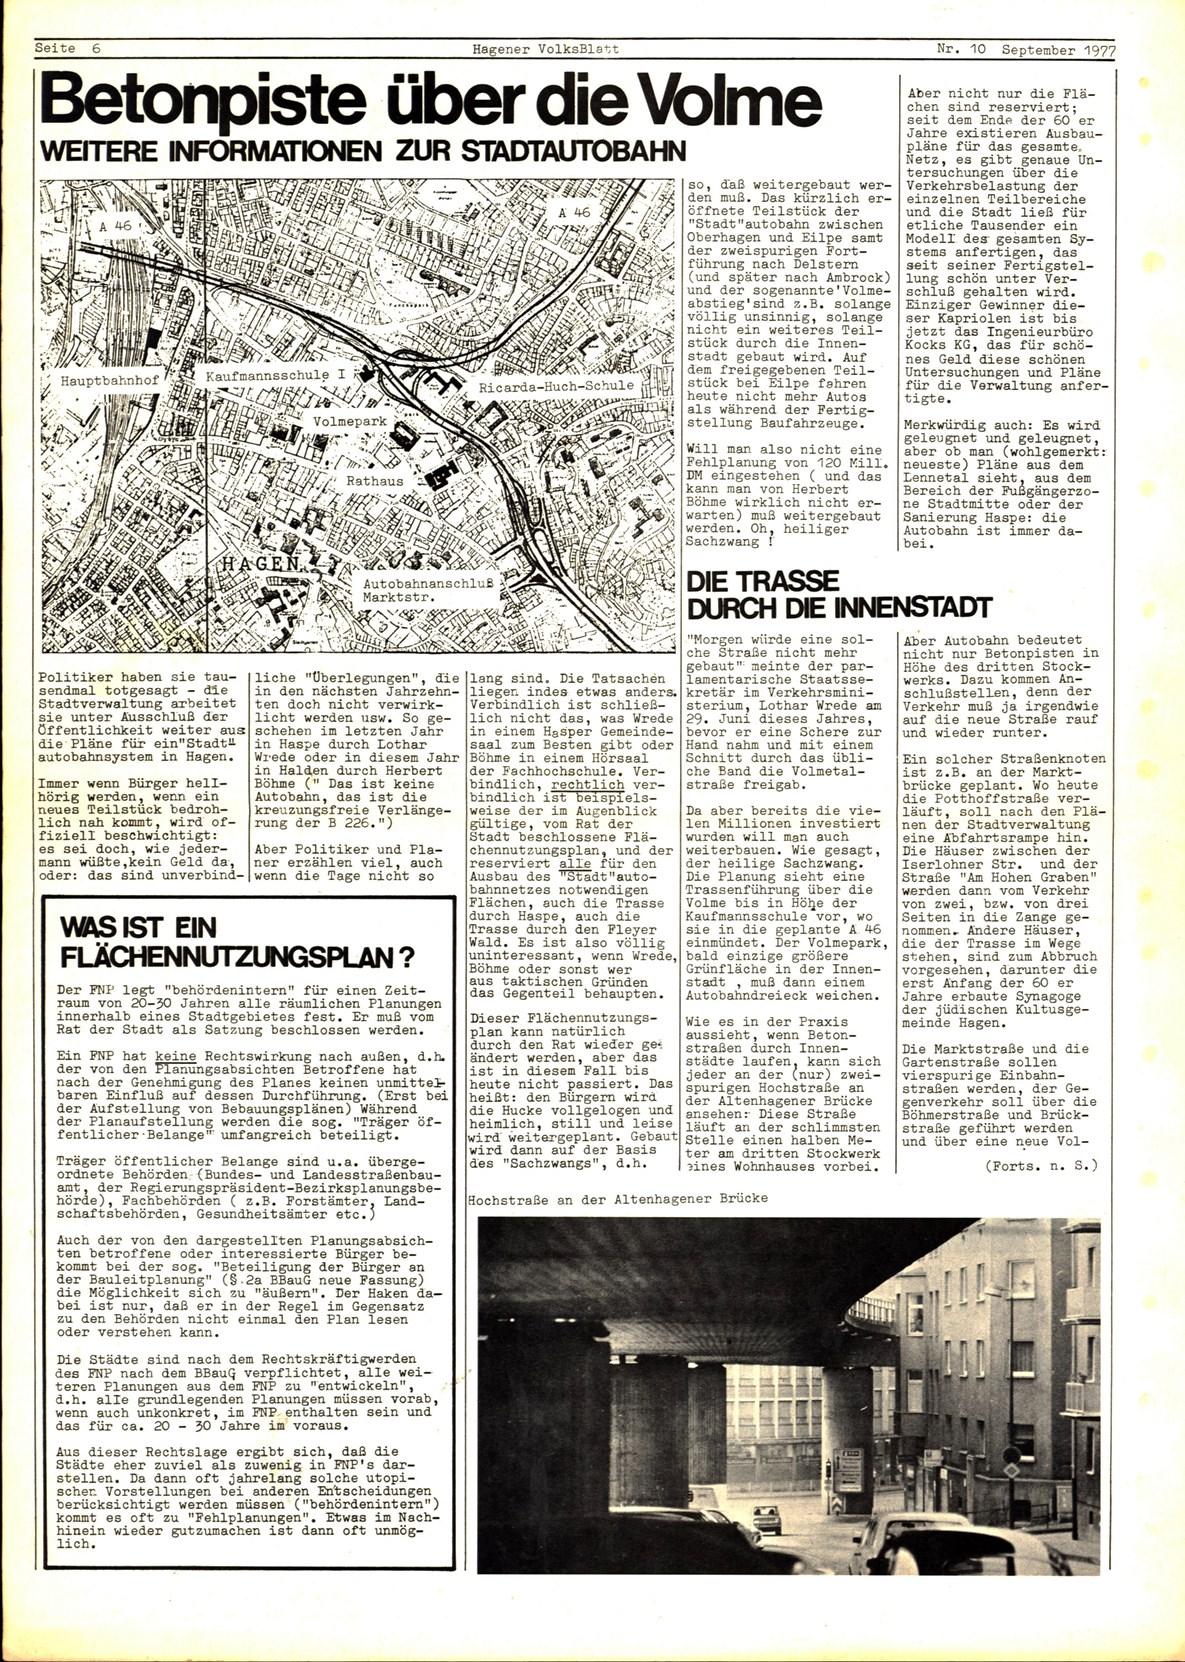 Hagen_Volksblatt_19770900_06